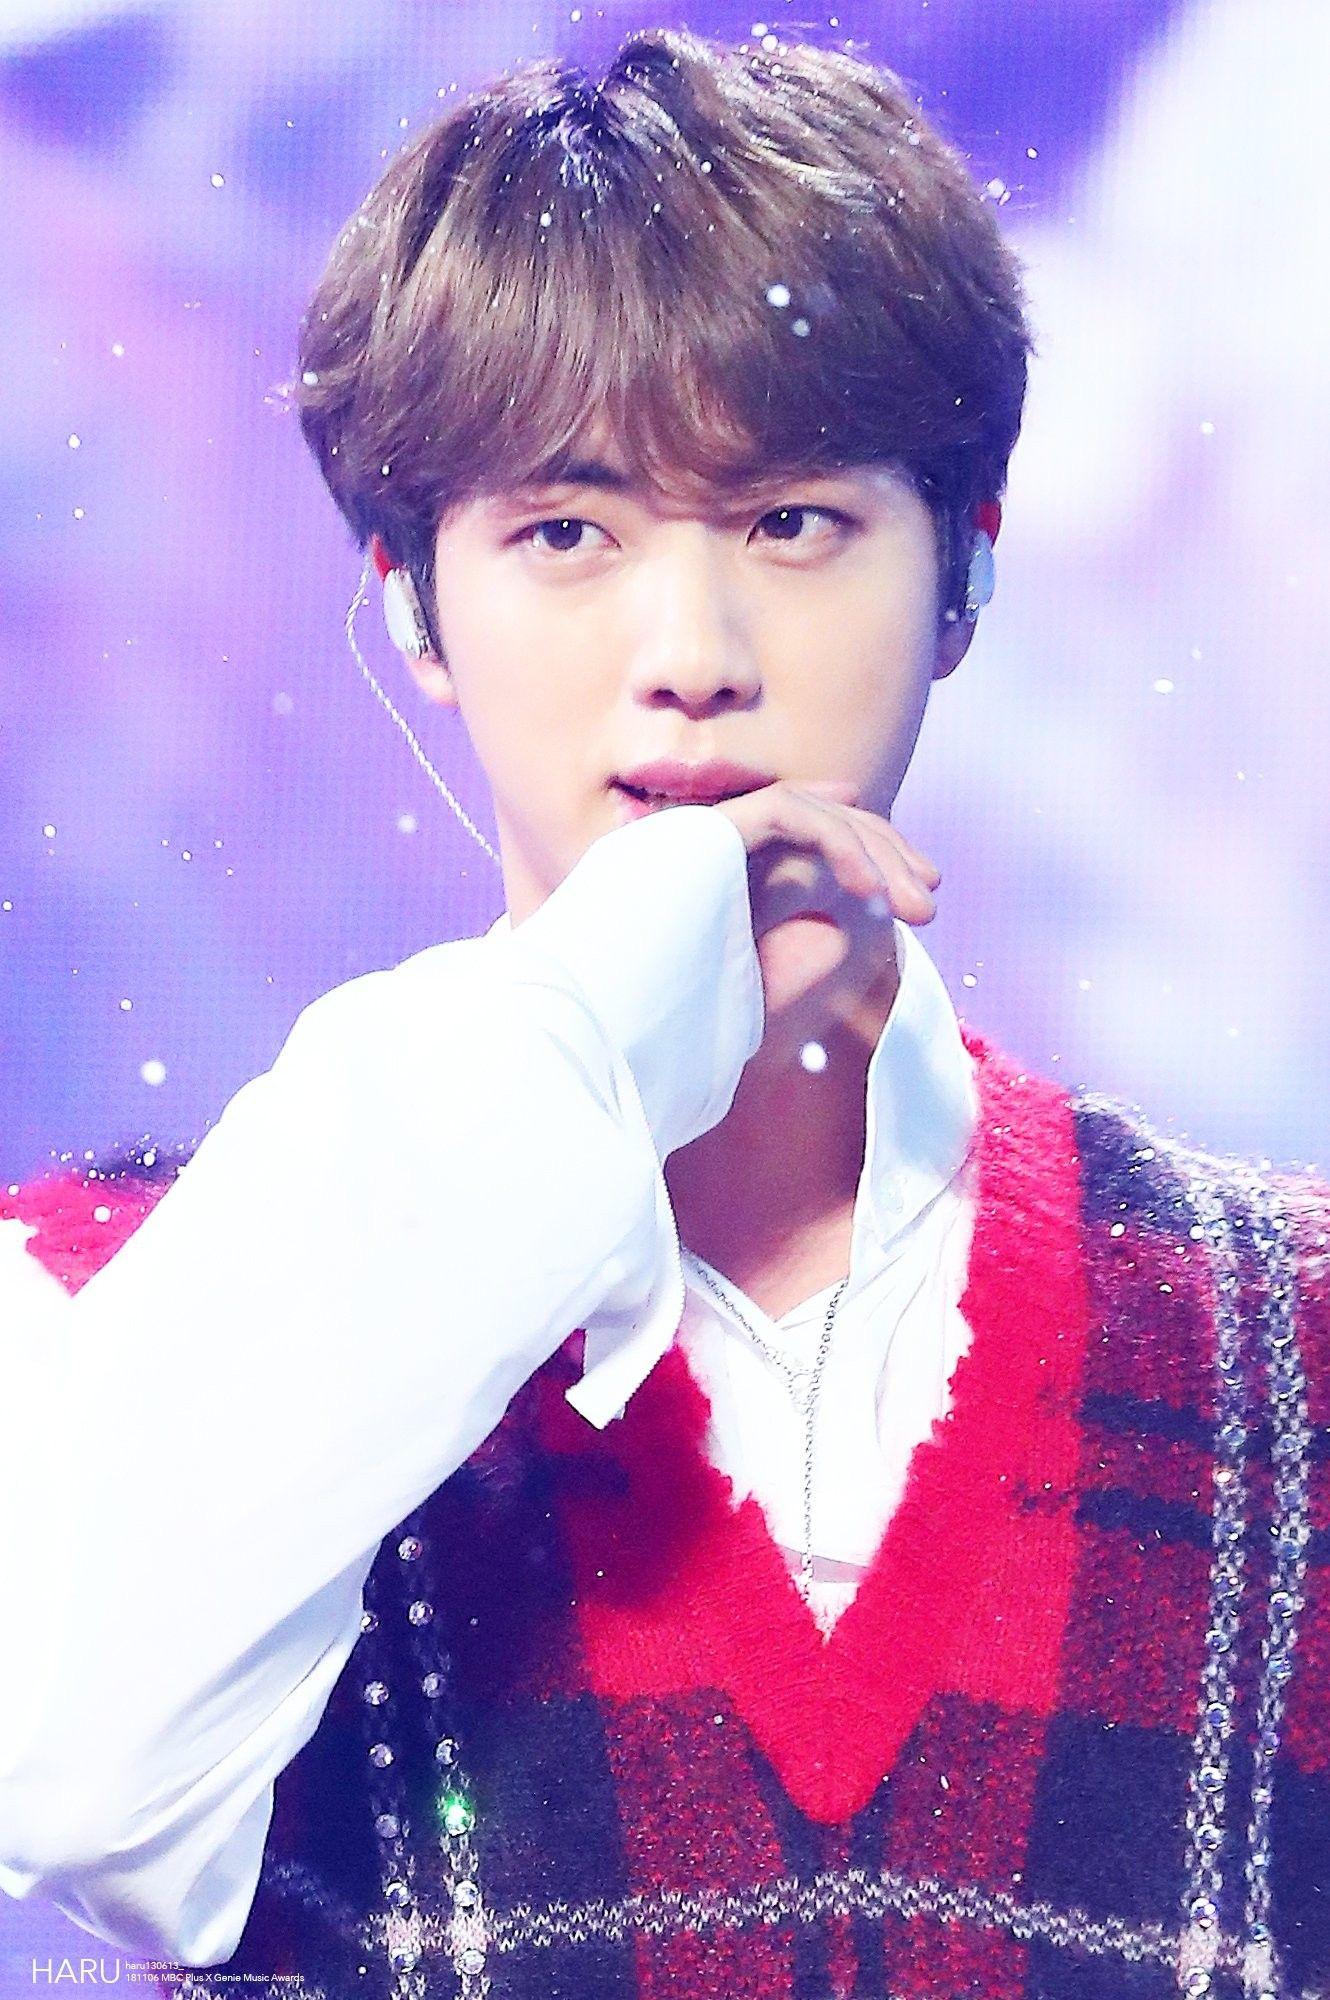 Bts Jin Birthday